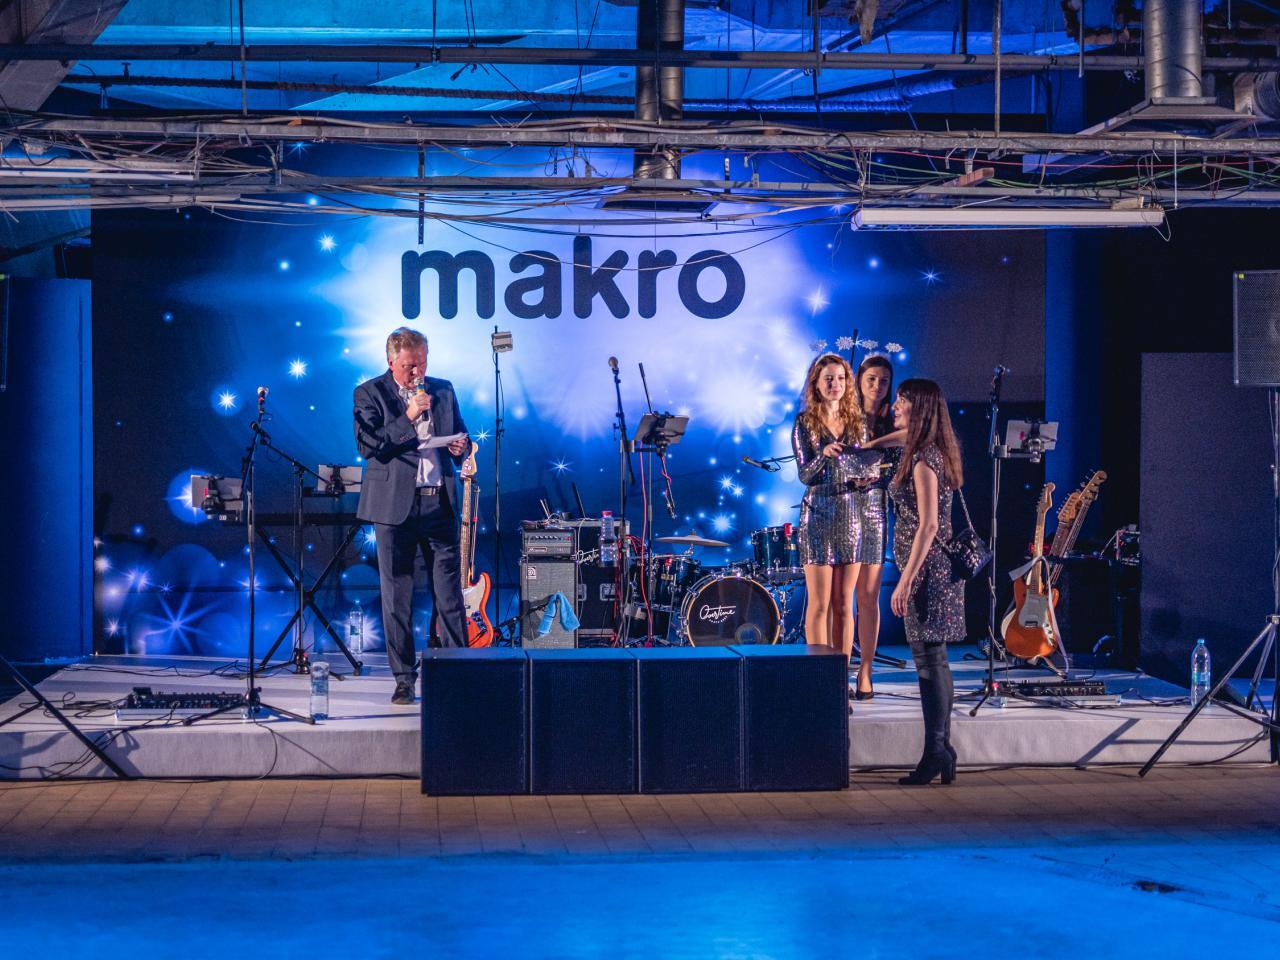 Uspořádali jsme firemní večírek pro Makro v Kotvě